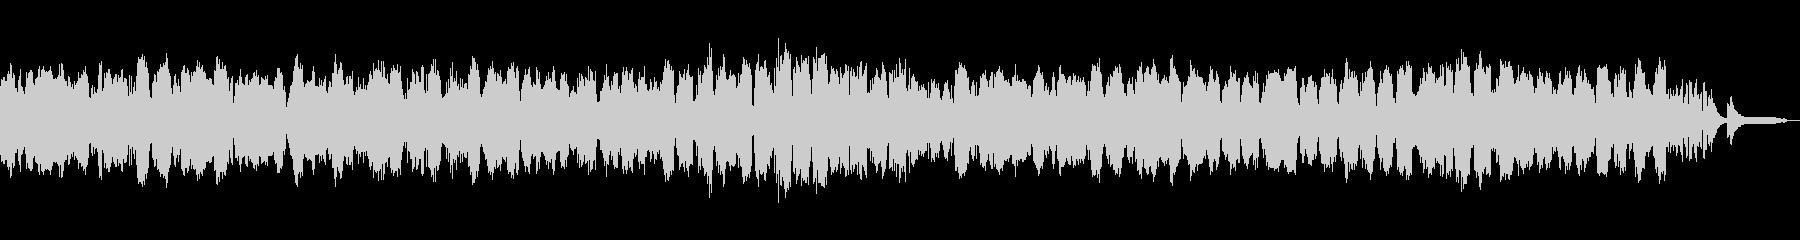 ヒーリングクラシック「春の歌」94-2の未再生の波形